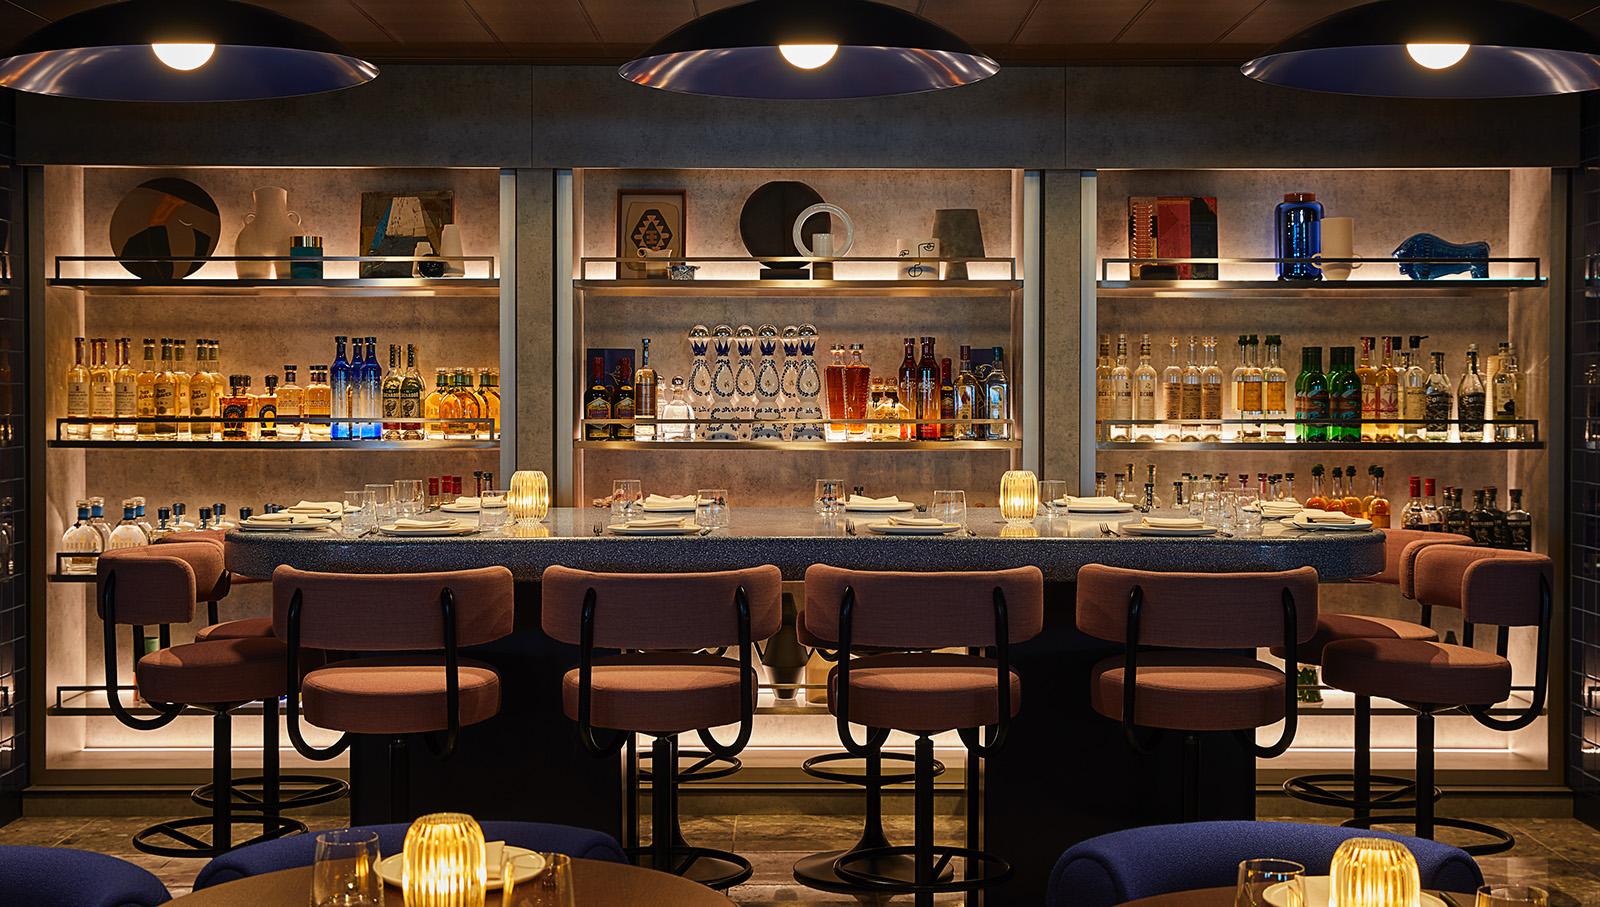 Mezcal Bar aboard Virgin Voyages' Scarlet Lady